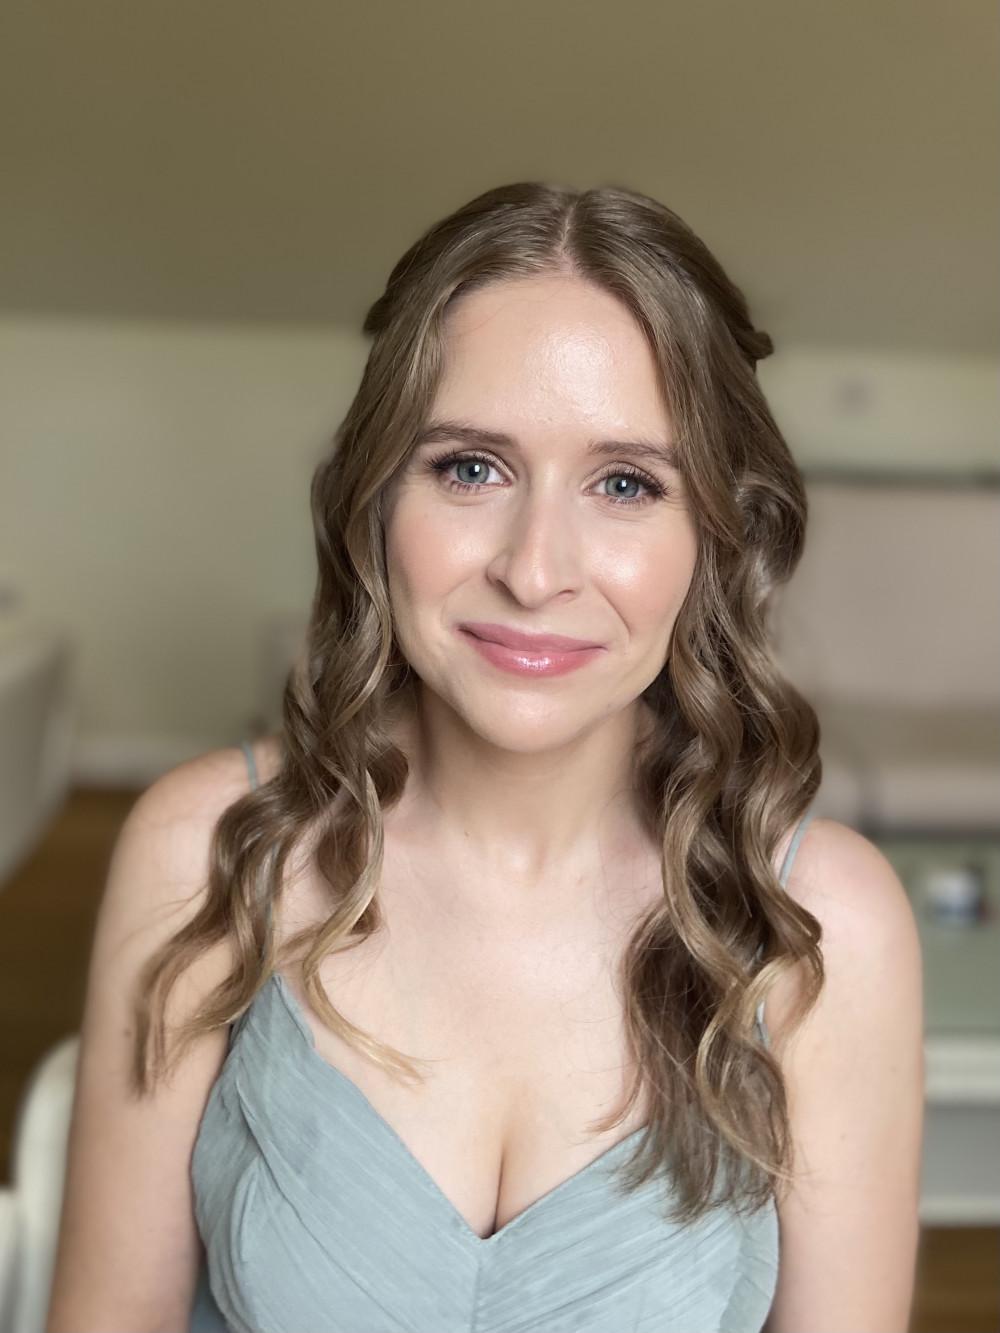 Fresh bridesmaids makeup look - Make Me Bridal Artist: Jessica Makeup and Hairstyling. #naturalmakeup #bridalmakeup #bridalhair #halfuphair #surreymakeupartist #glowingskin #hampshiremakeupartist #glowingmakup #weddingmakeup #hampshirehair